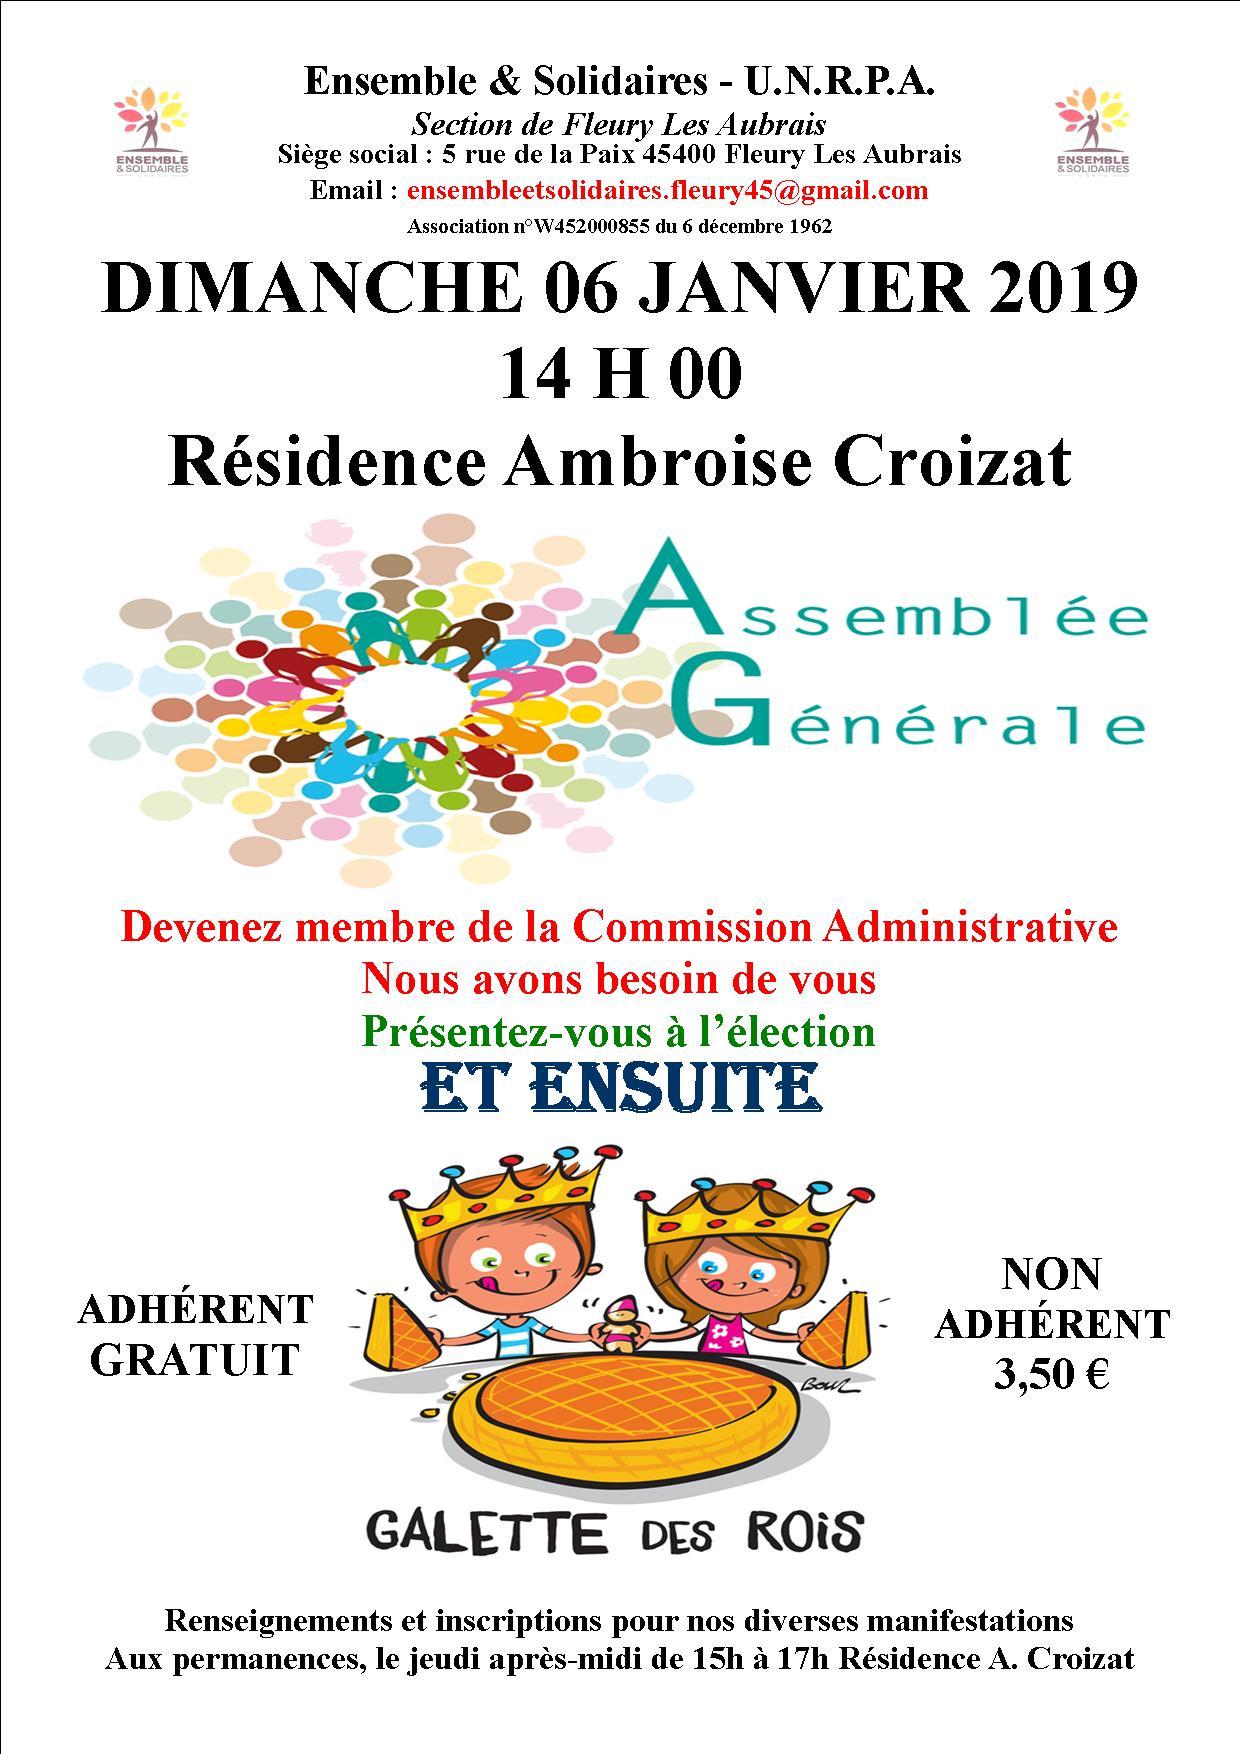 Affiche AG et Galette 6 01 2019.jpg